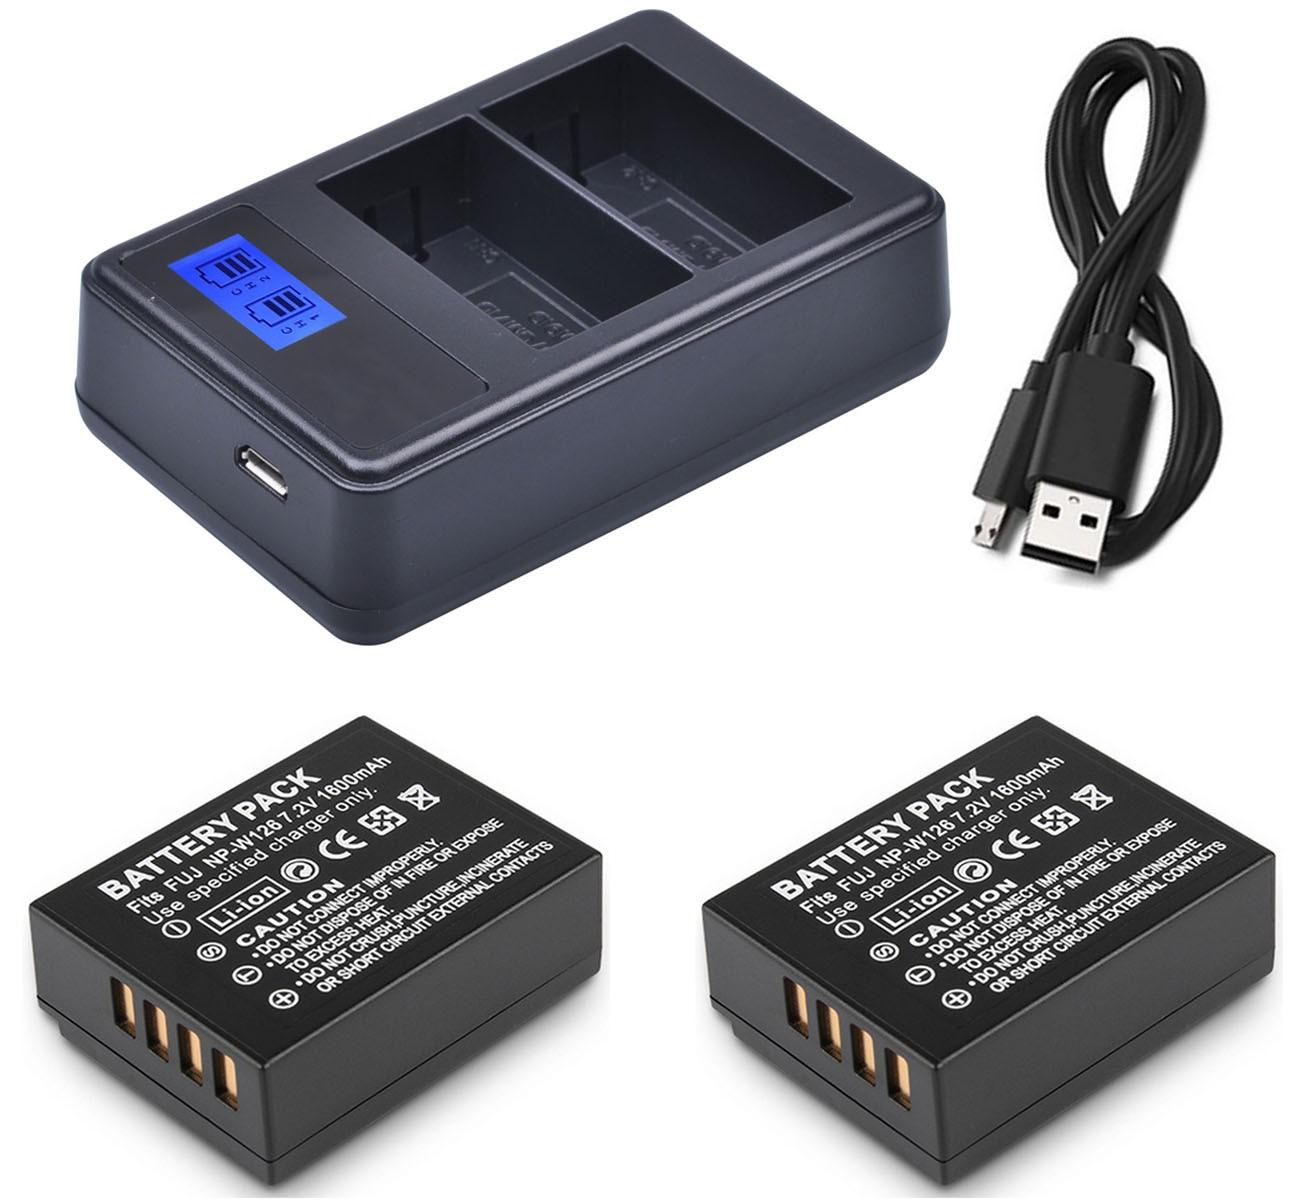 XA2 XA3 XA2 XA5 Cámara Digital Cargador De Batería Para Fujifilm XA1 XA10